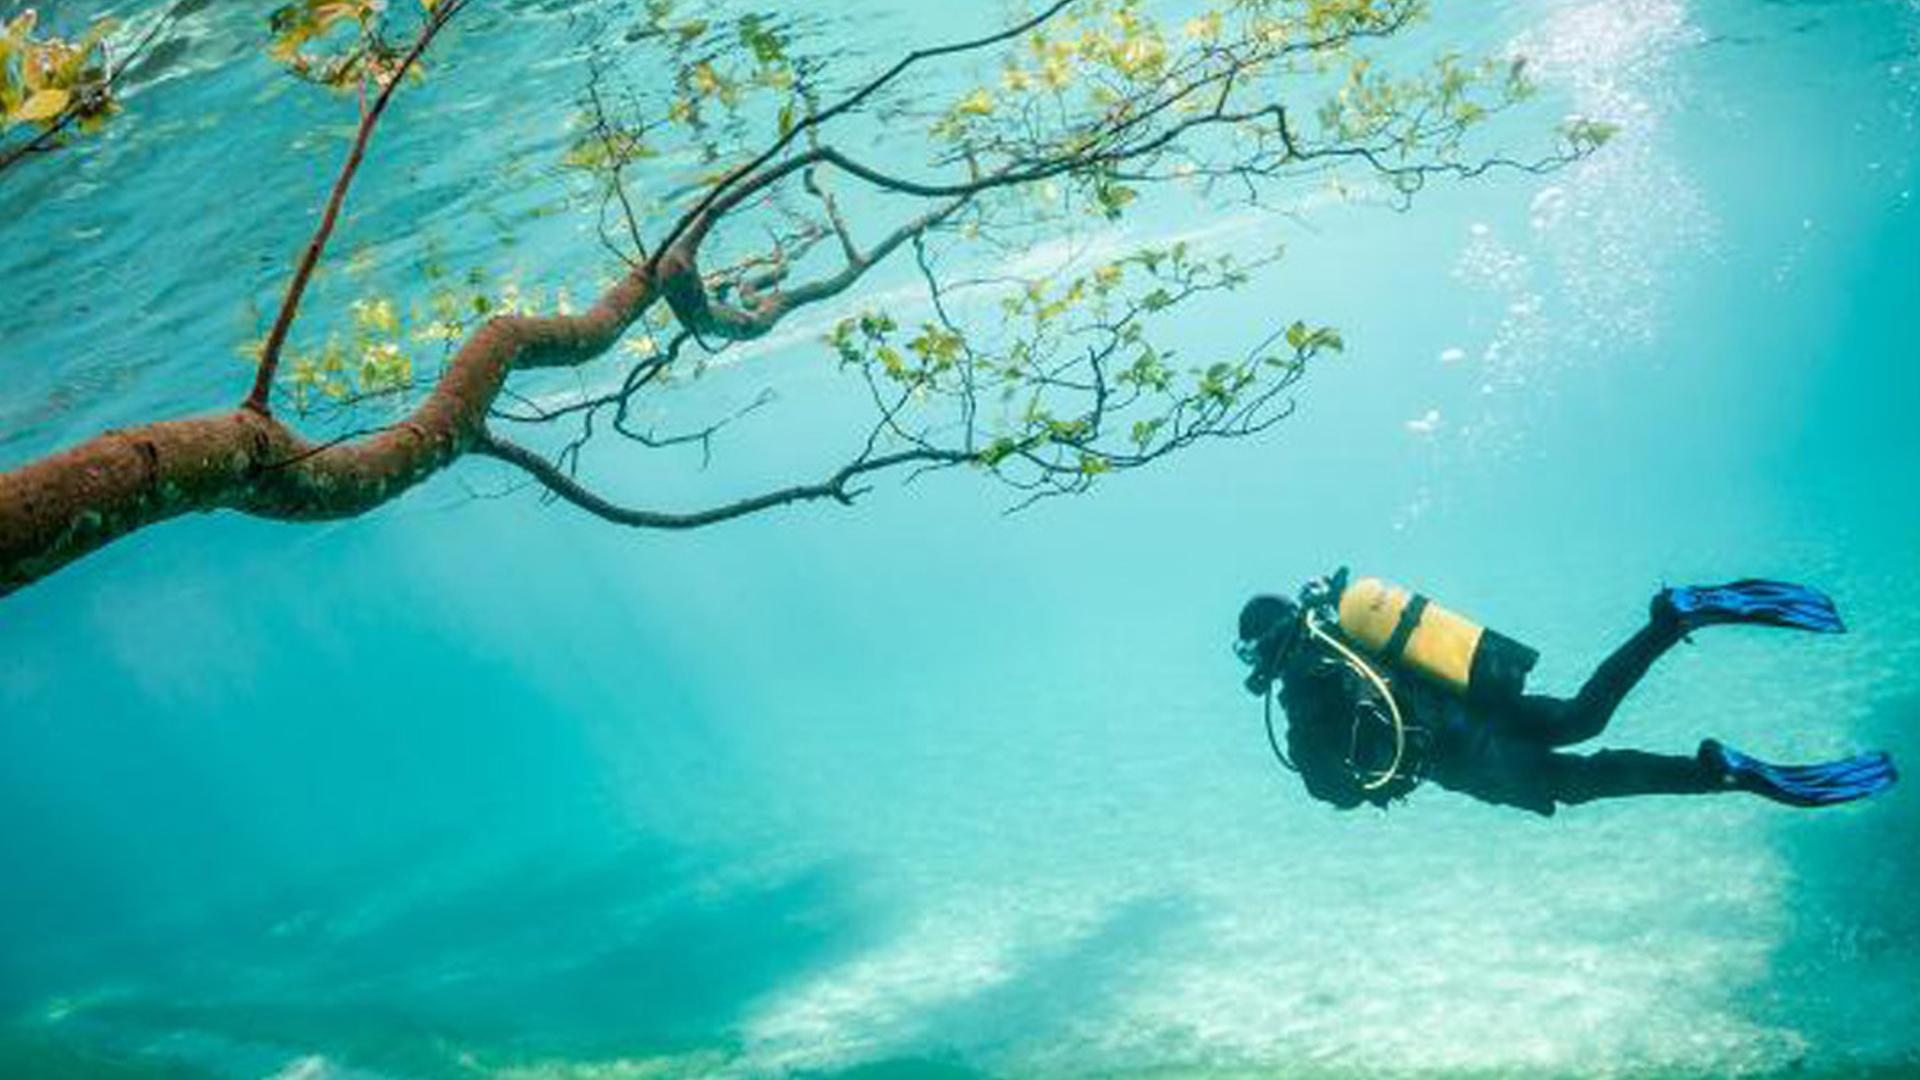 ประกาศสมาคมกีฬาดำน้ำแห่งประเทศไทย ปี 2564